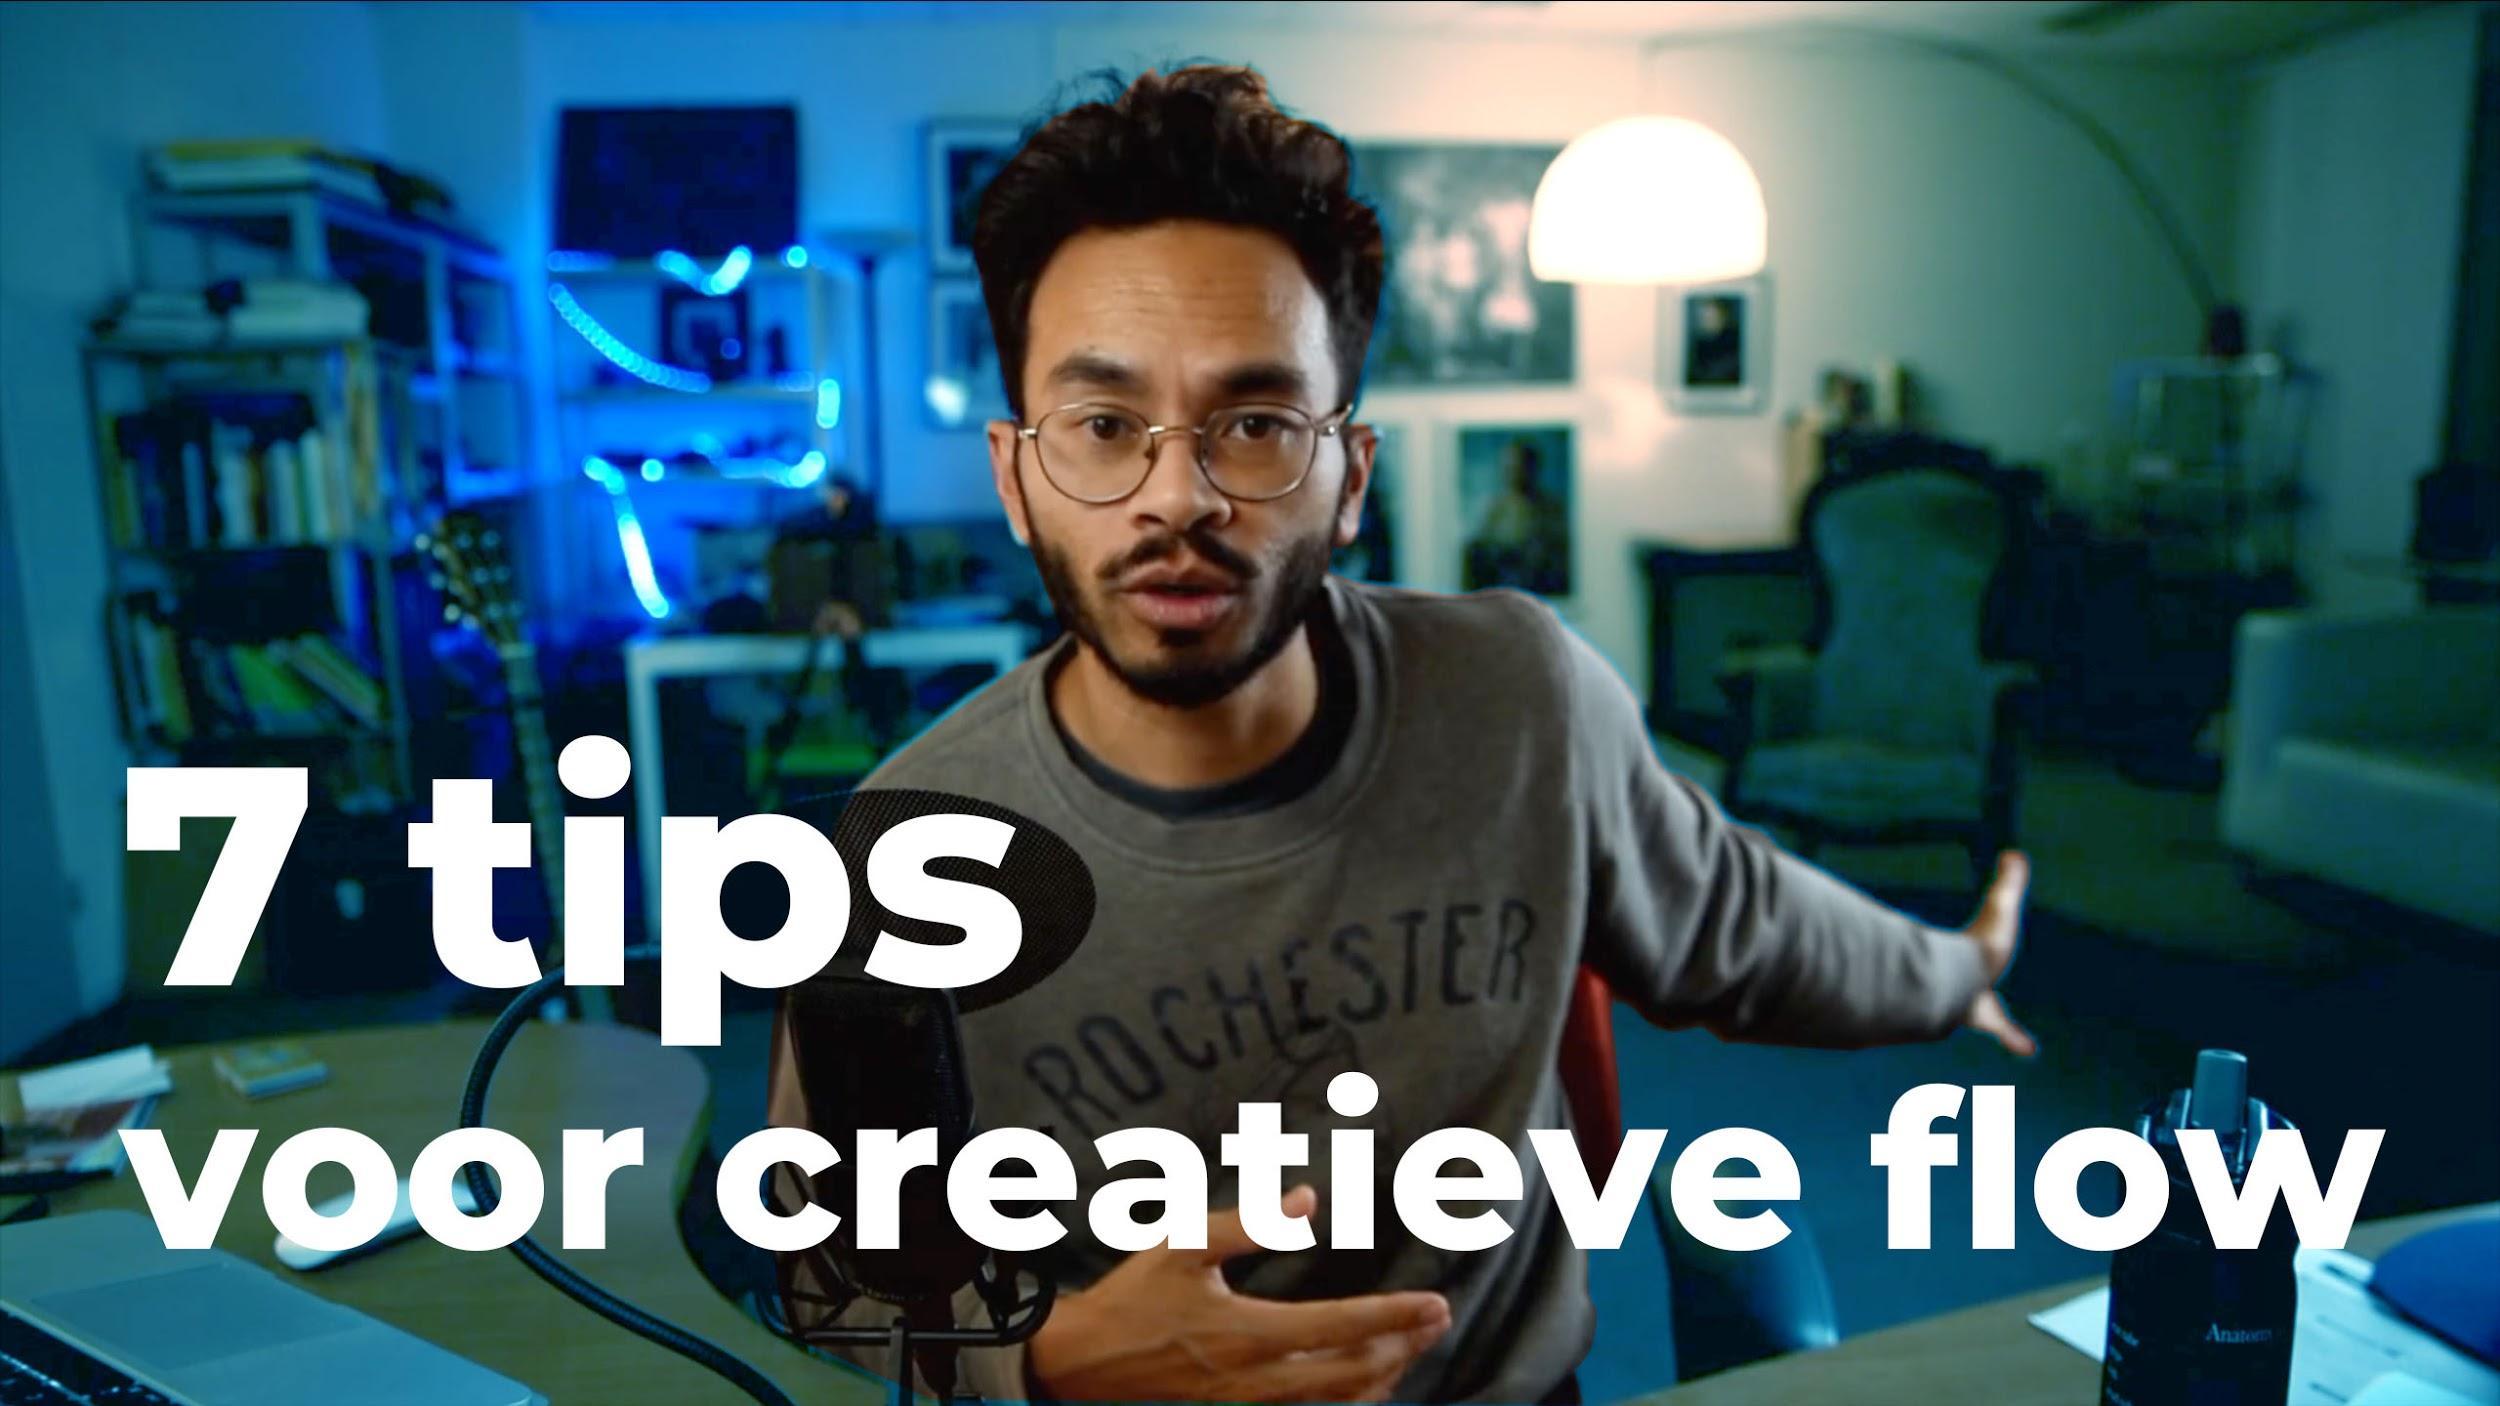 7 tips voor meer creatieve flow